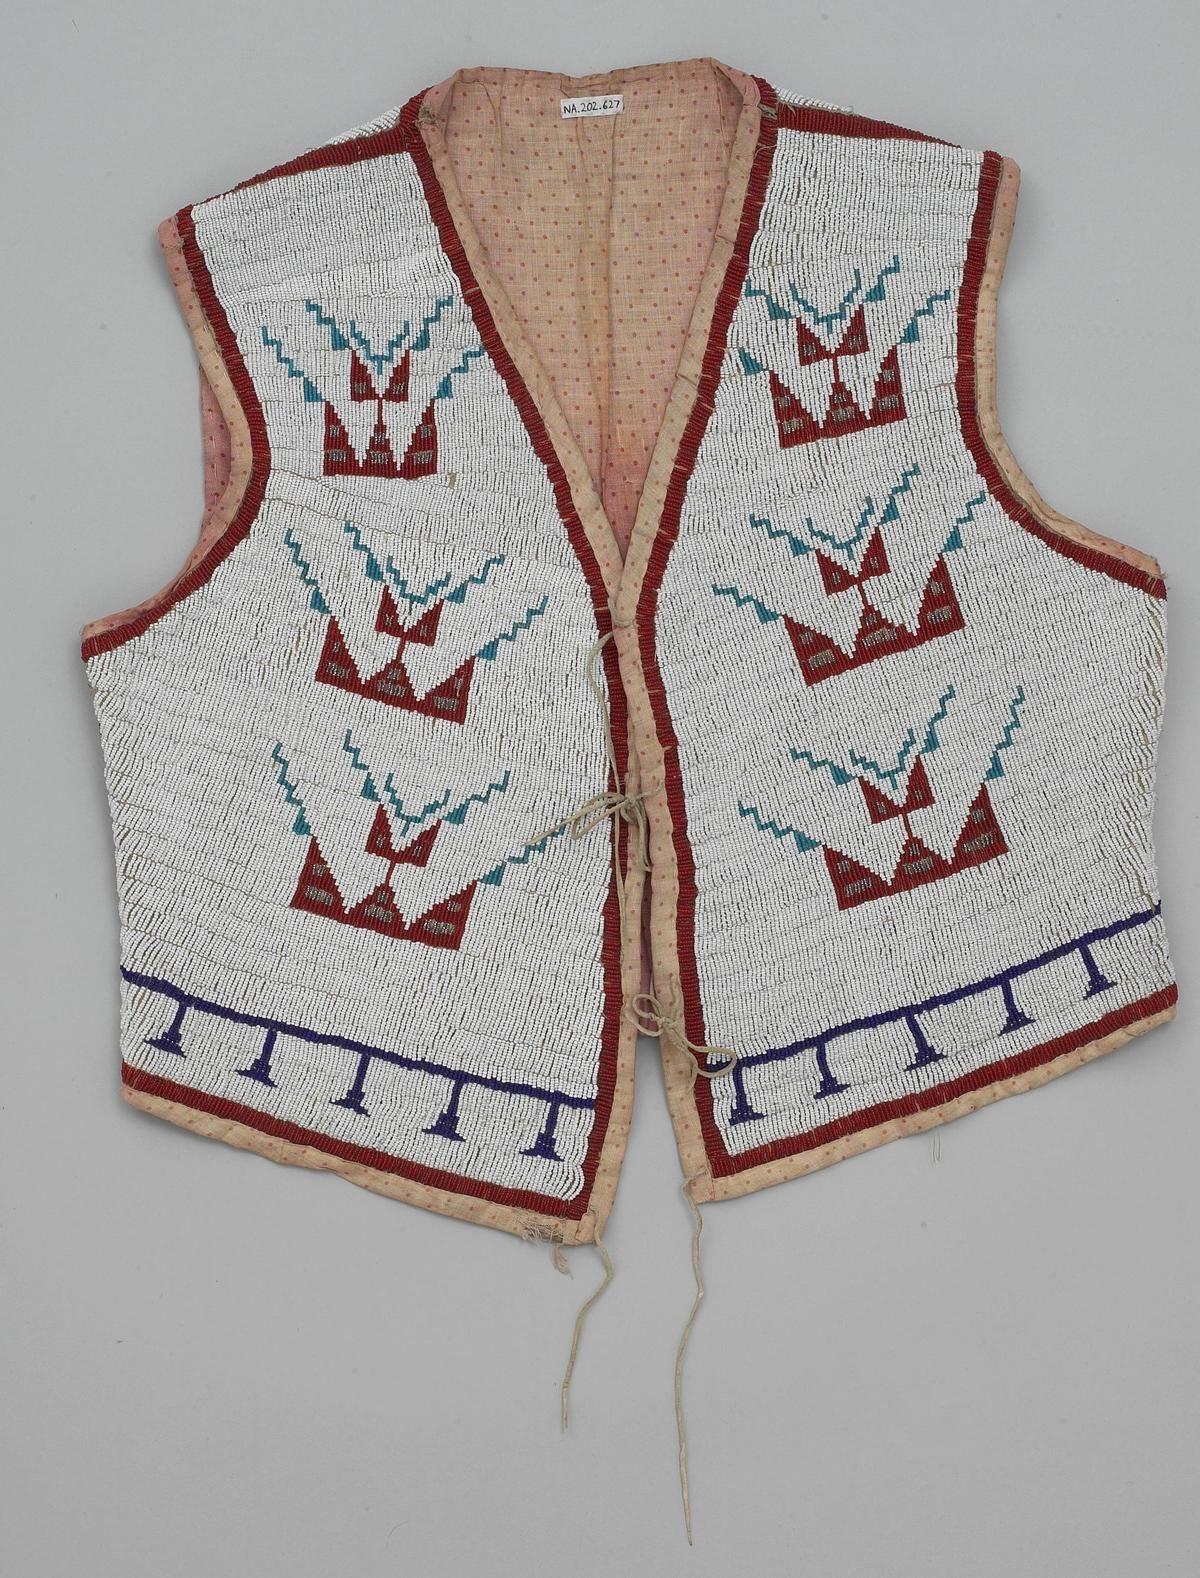 Жилетка Сиу. ЮД, 1905 год. Ююю. Native american beadwork